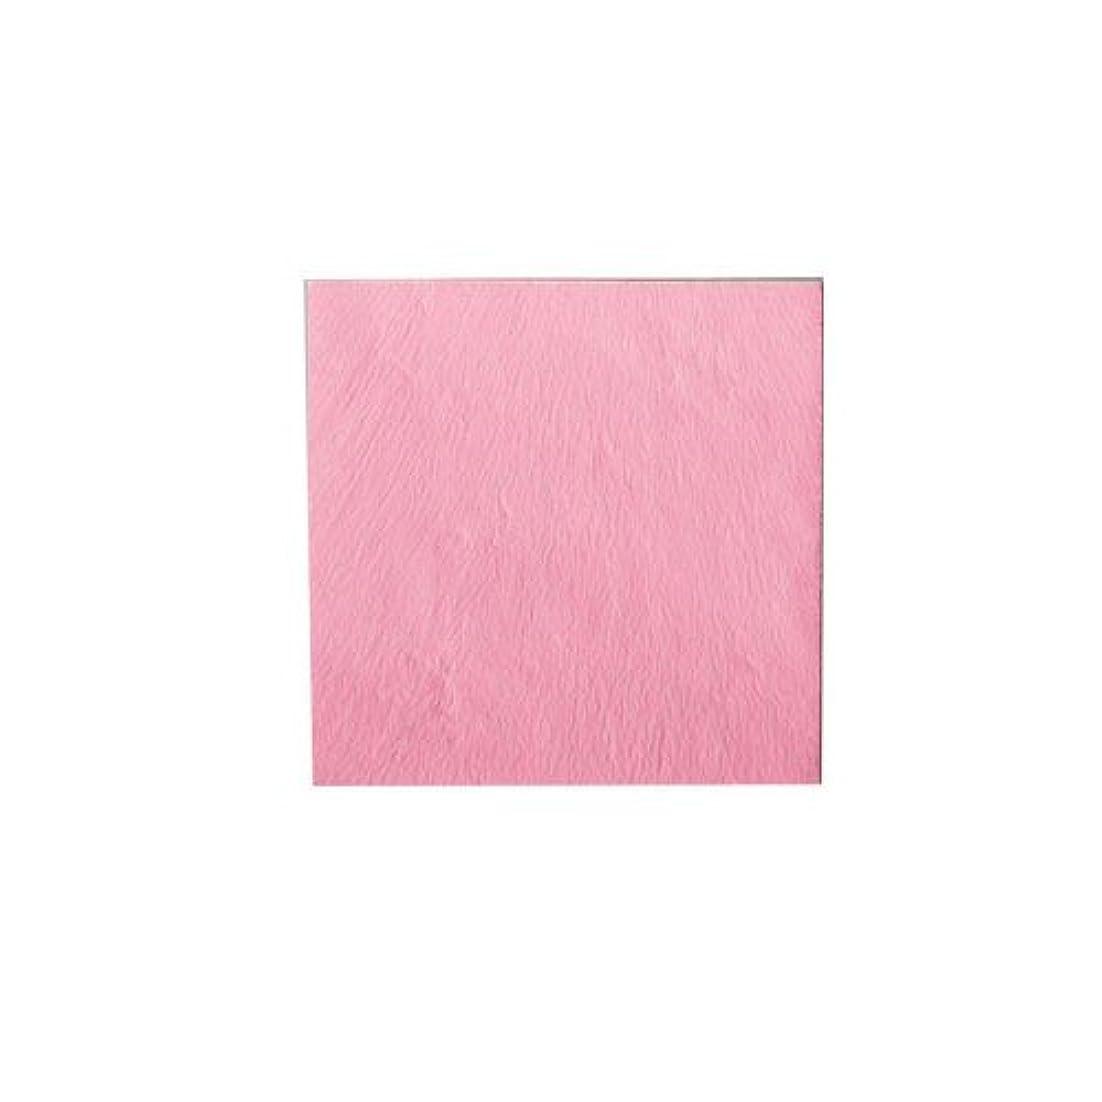 ピカエース ネイル用パウダー パステル銀箔 #643 パステルローズ 3.5㎜角×5枚